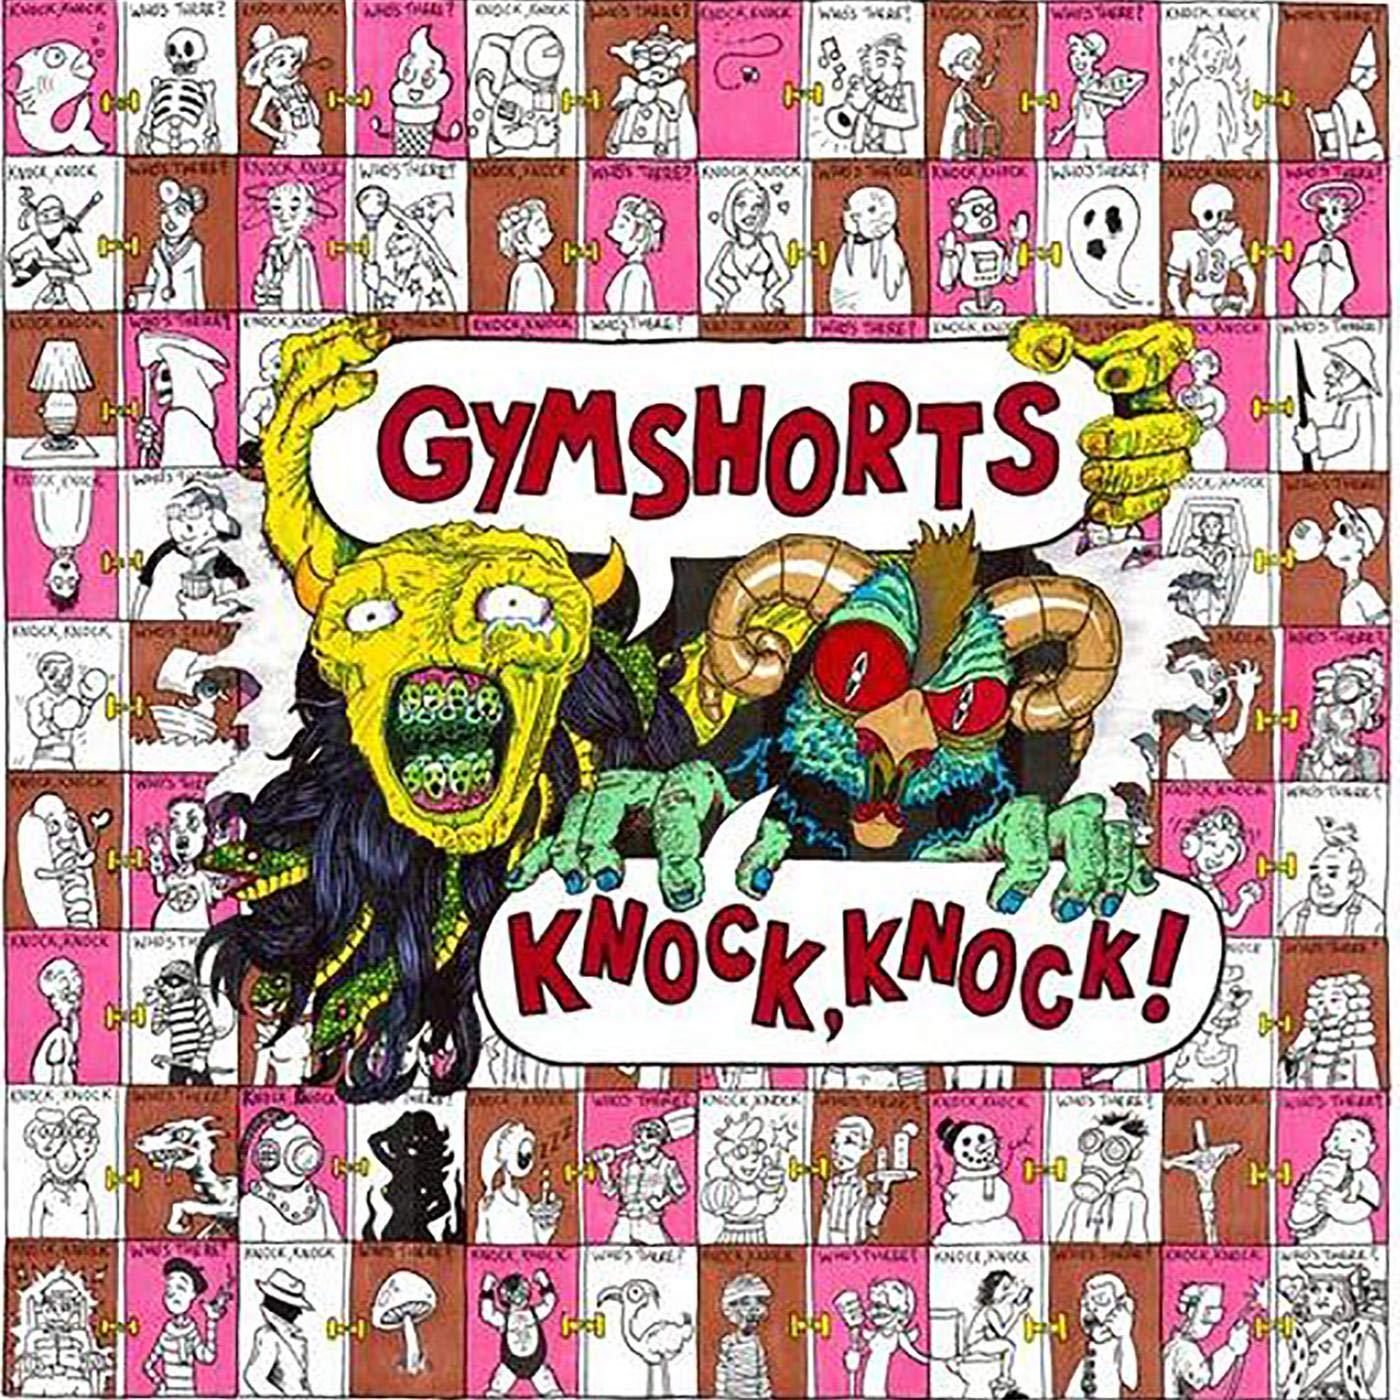 Gymshorts - Knock, Knock!